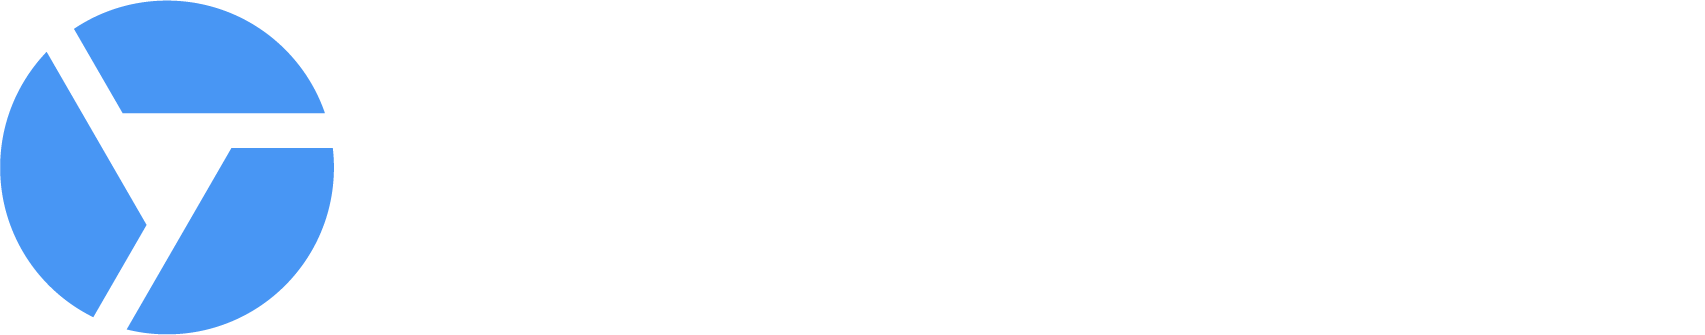 Vystemlogo white l